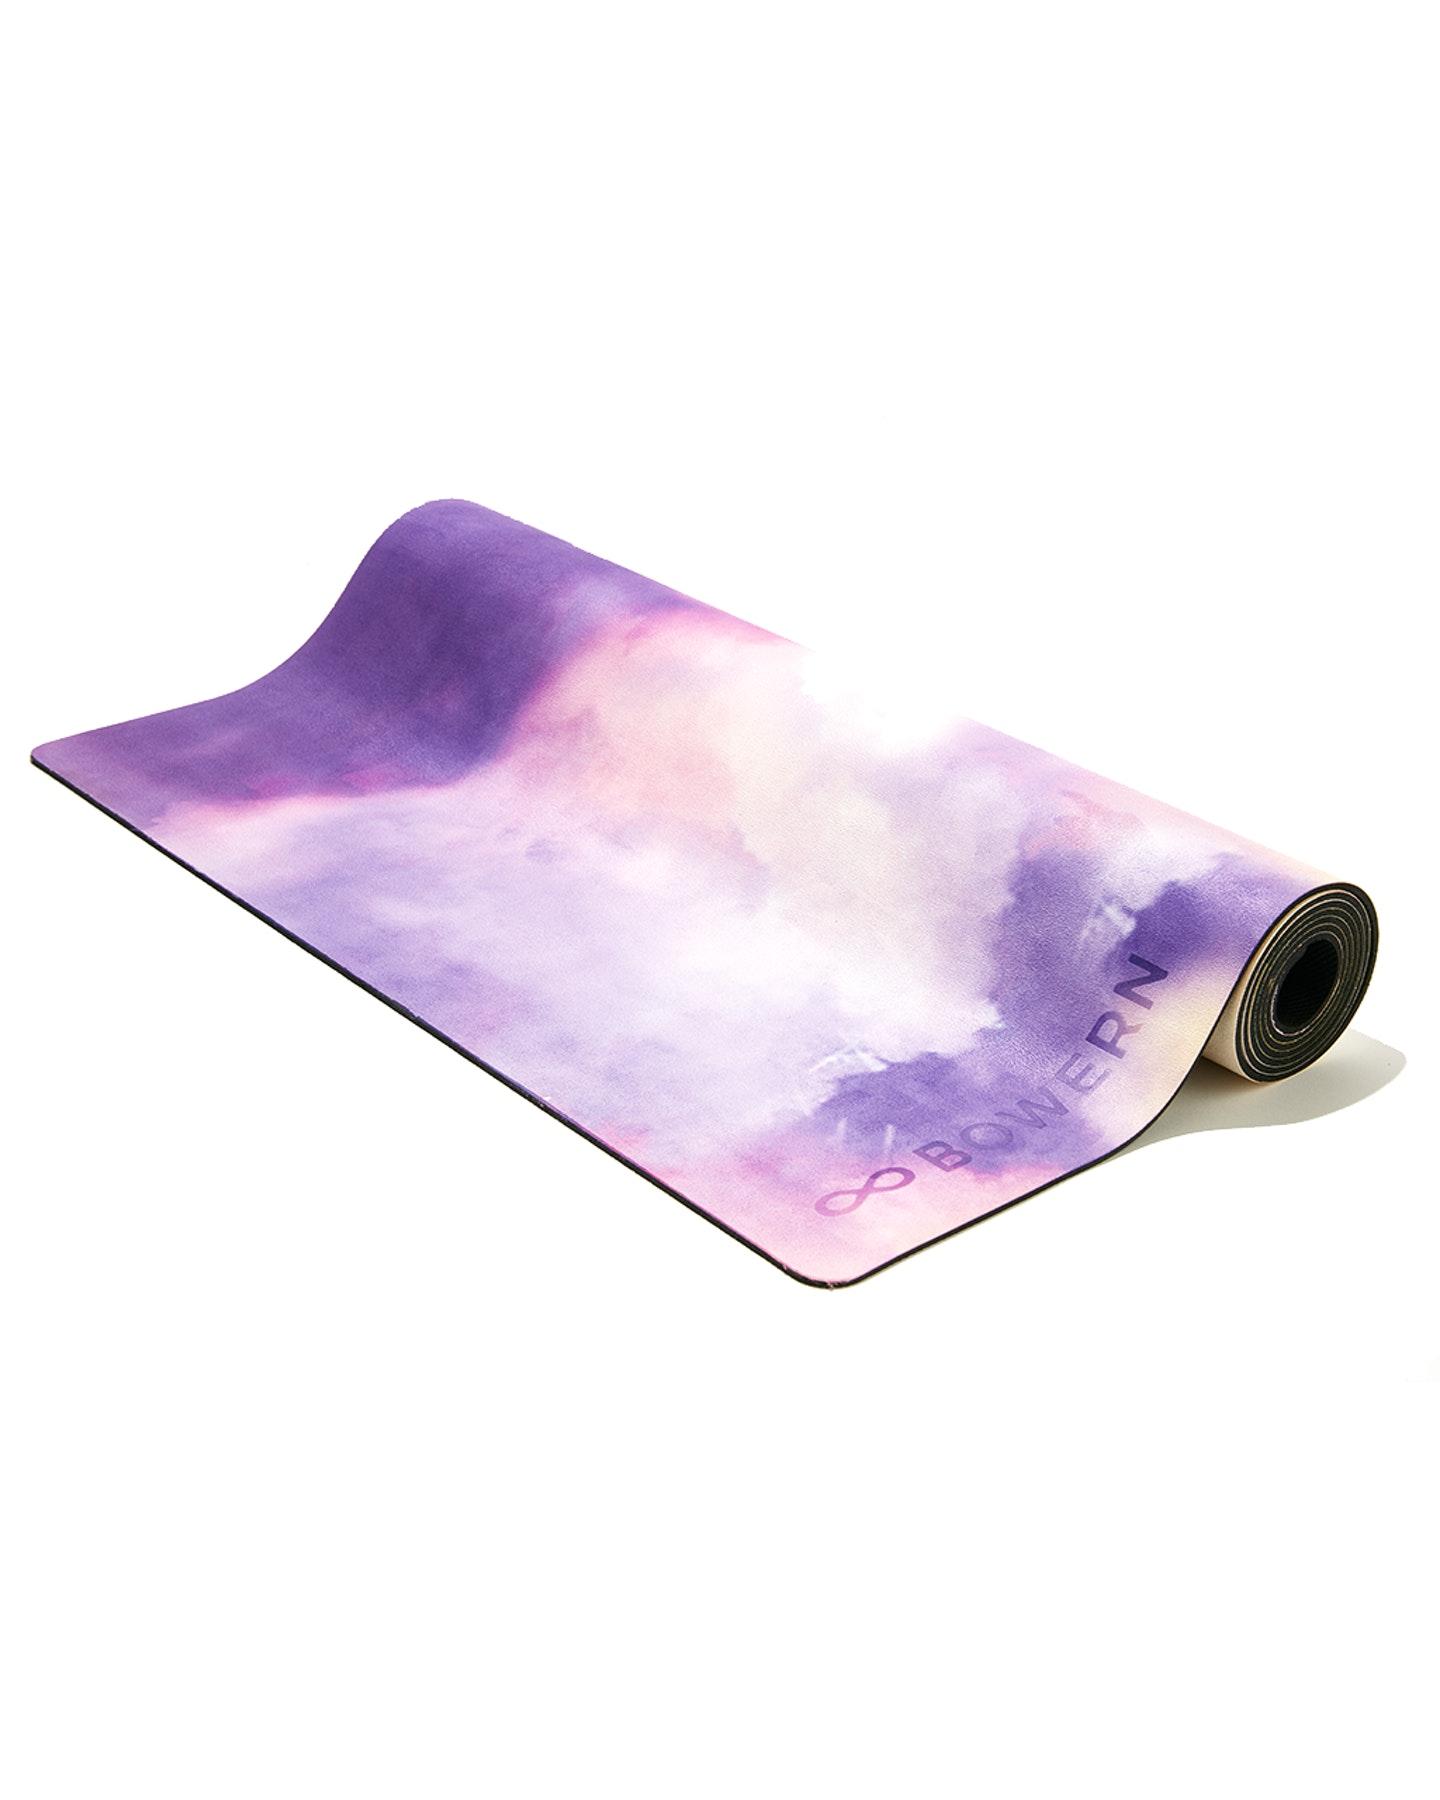 Bowern The Dreamer Yoga Mat Dreamer Dreamer